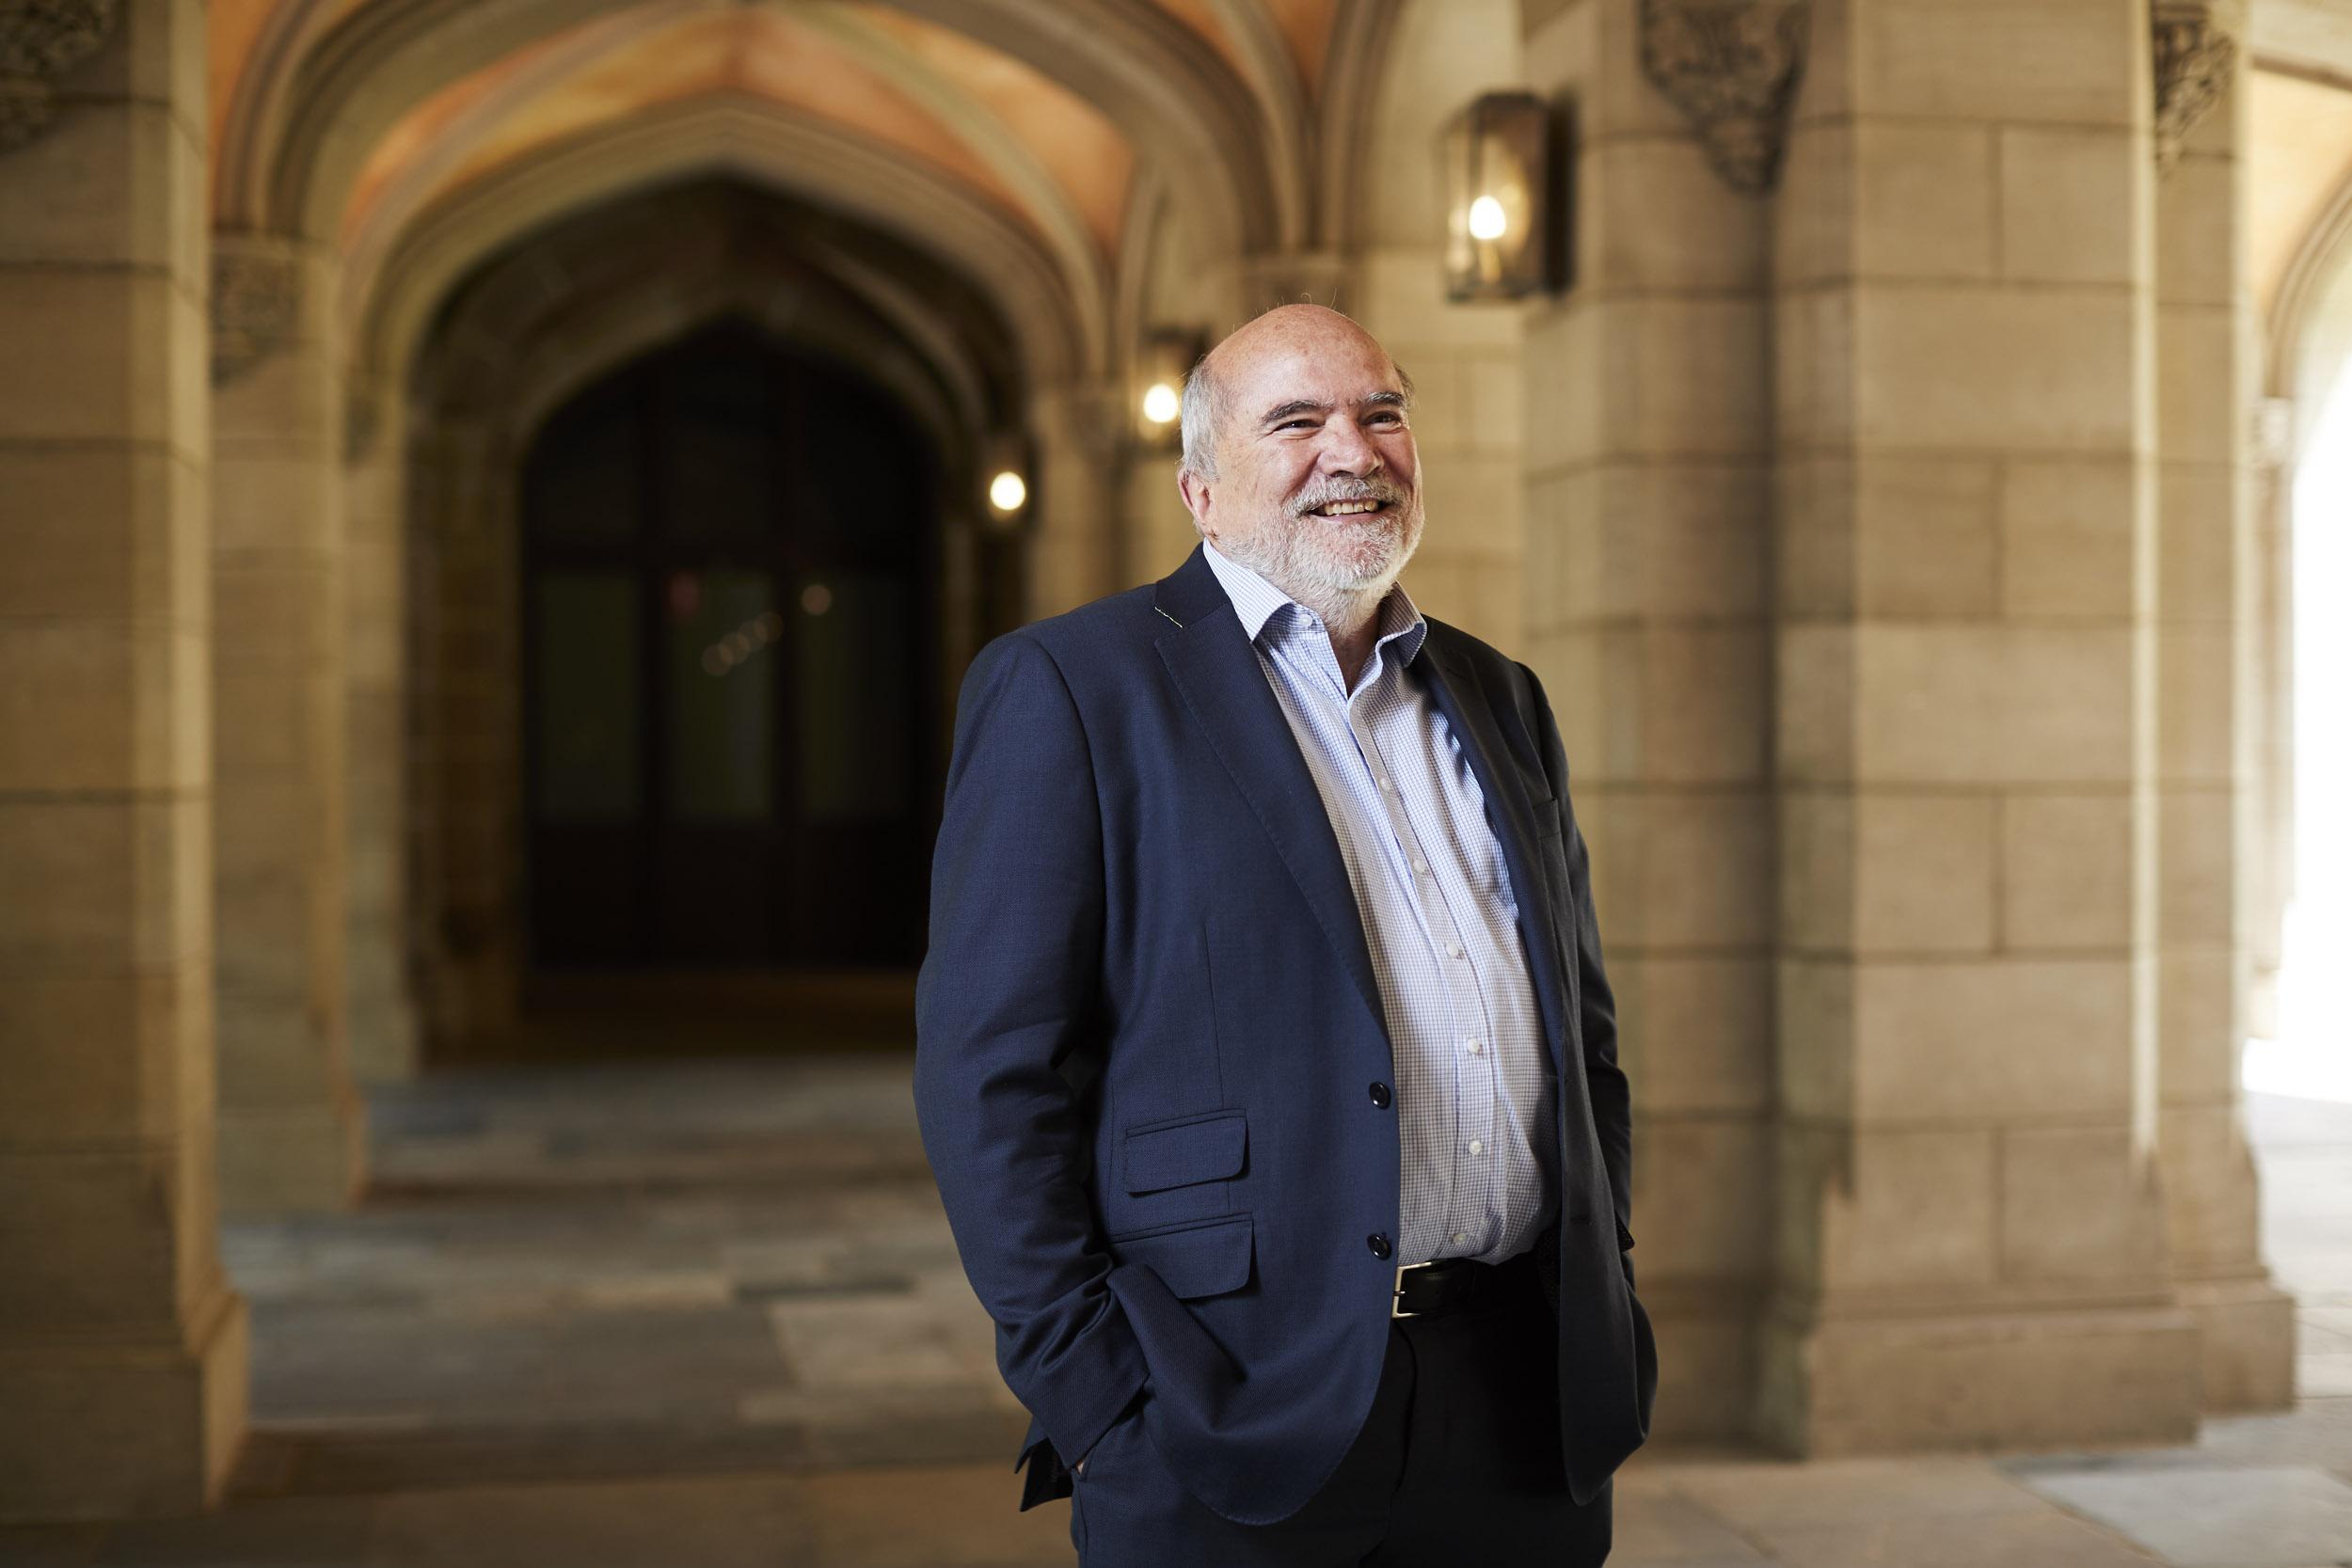 Prof David Jamieson